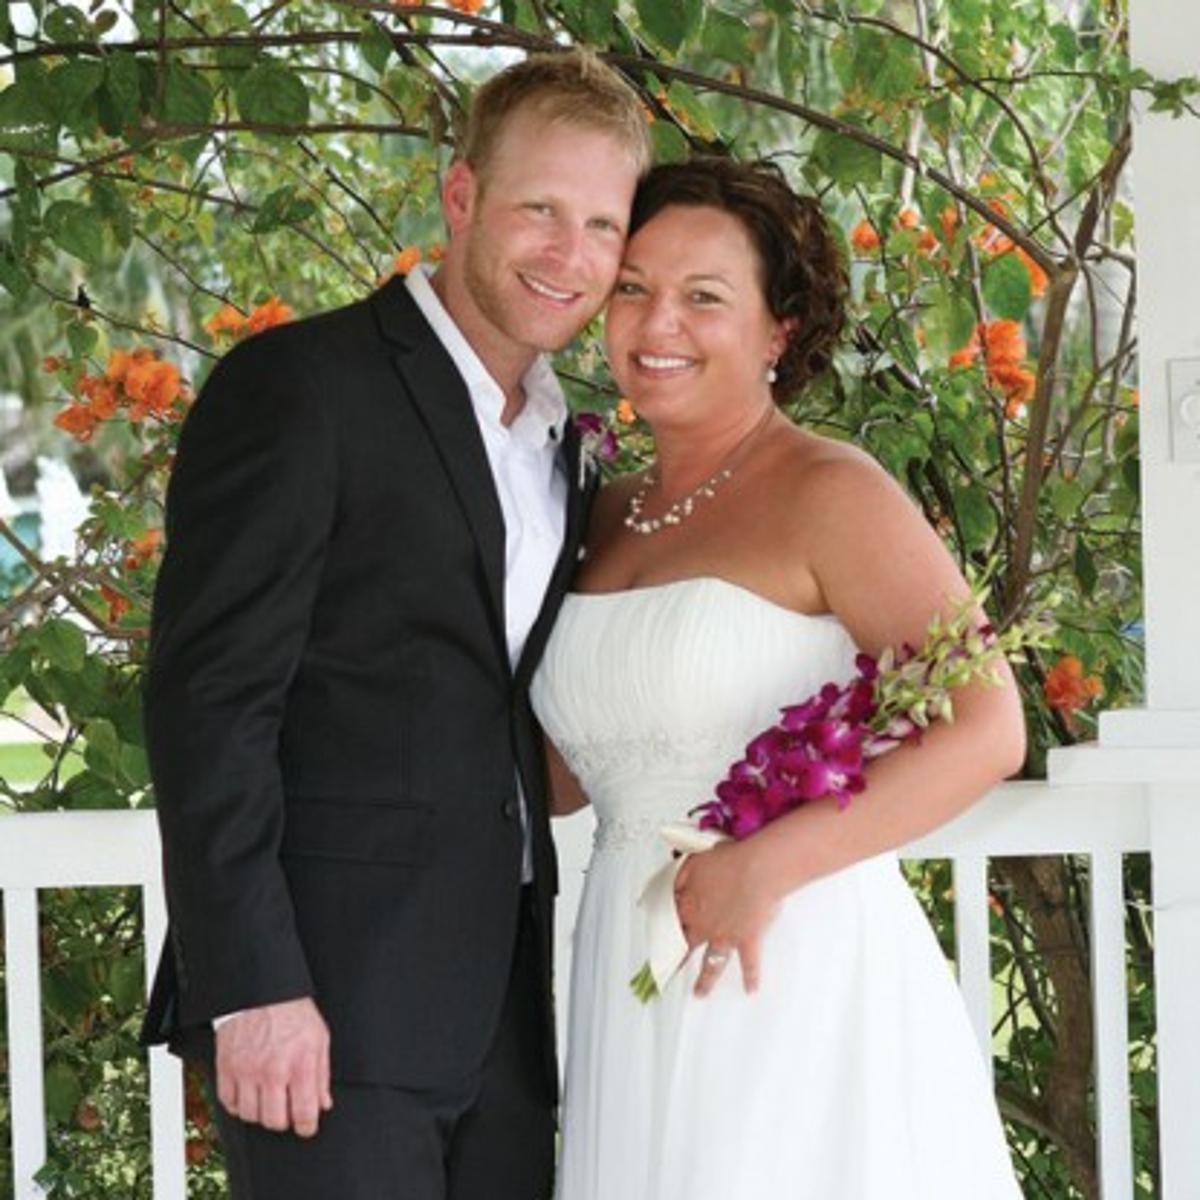 Wedding March 3.Wedding Jantz March 3 2012 Weddings Yorknewstimes Com